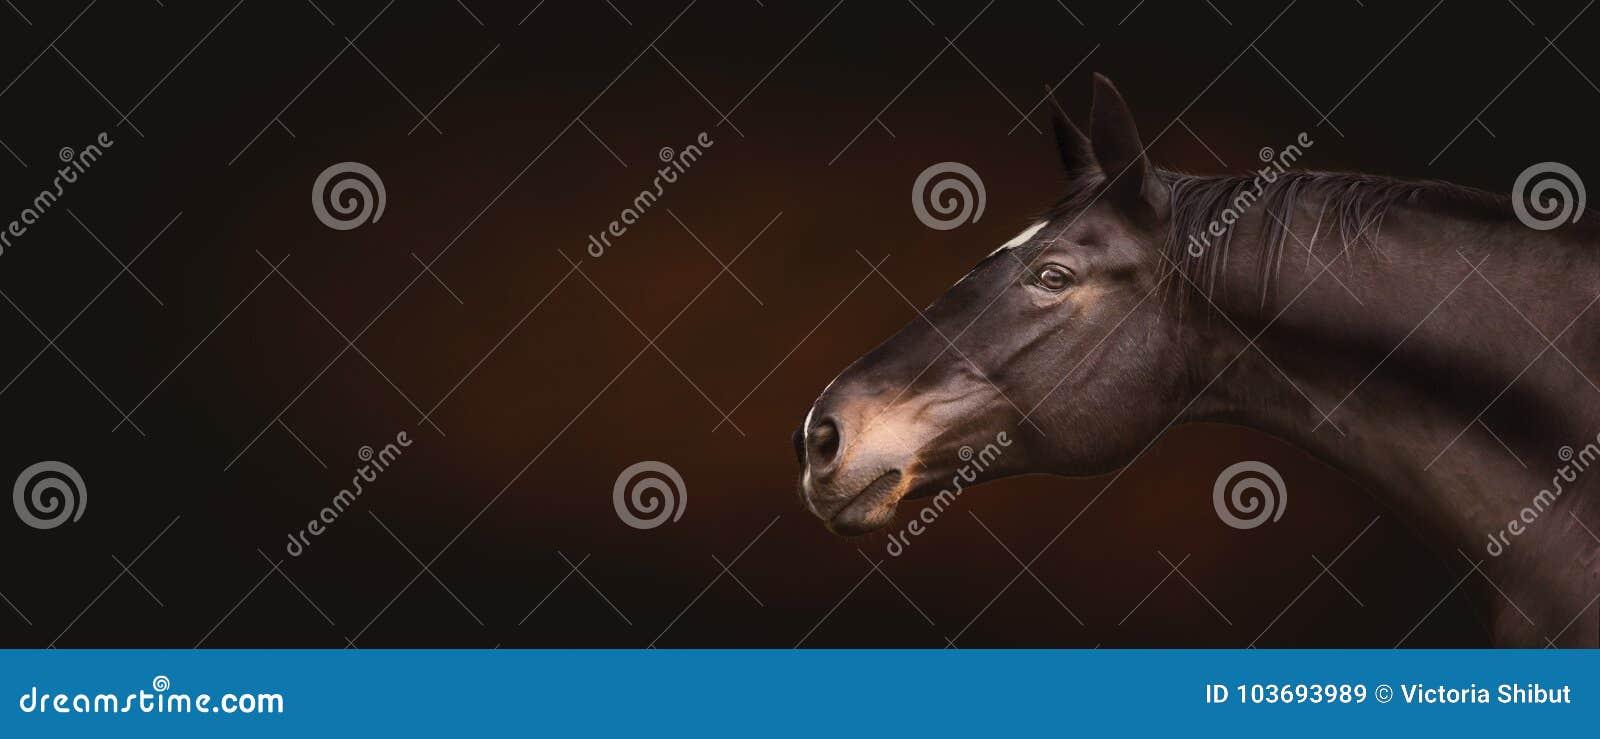 Mooi zwart paardhoofd, portret in profiel die, expressionally de camera op donkere achtergrond, plaats voor tekst, banner bekijke